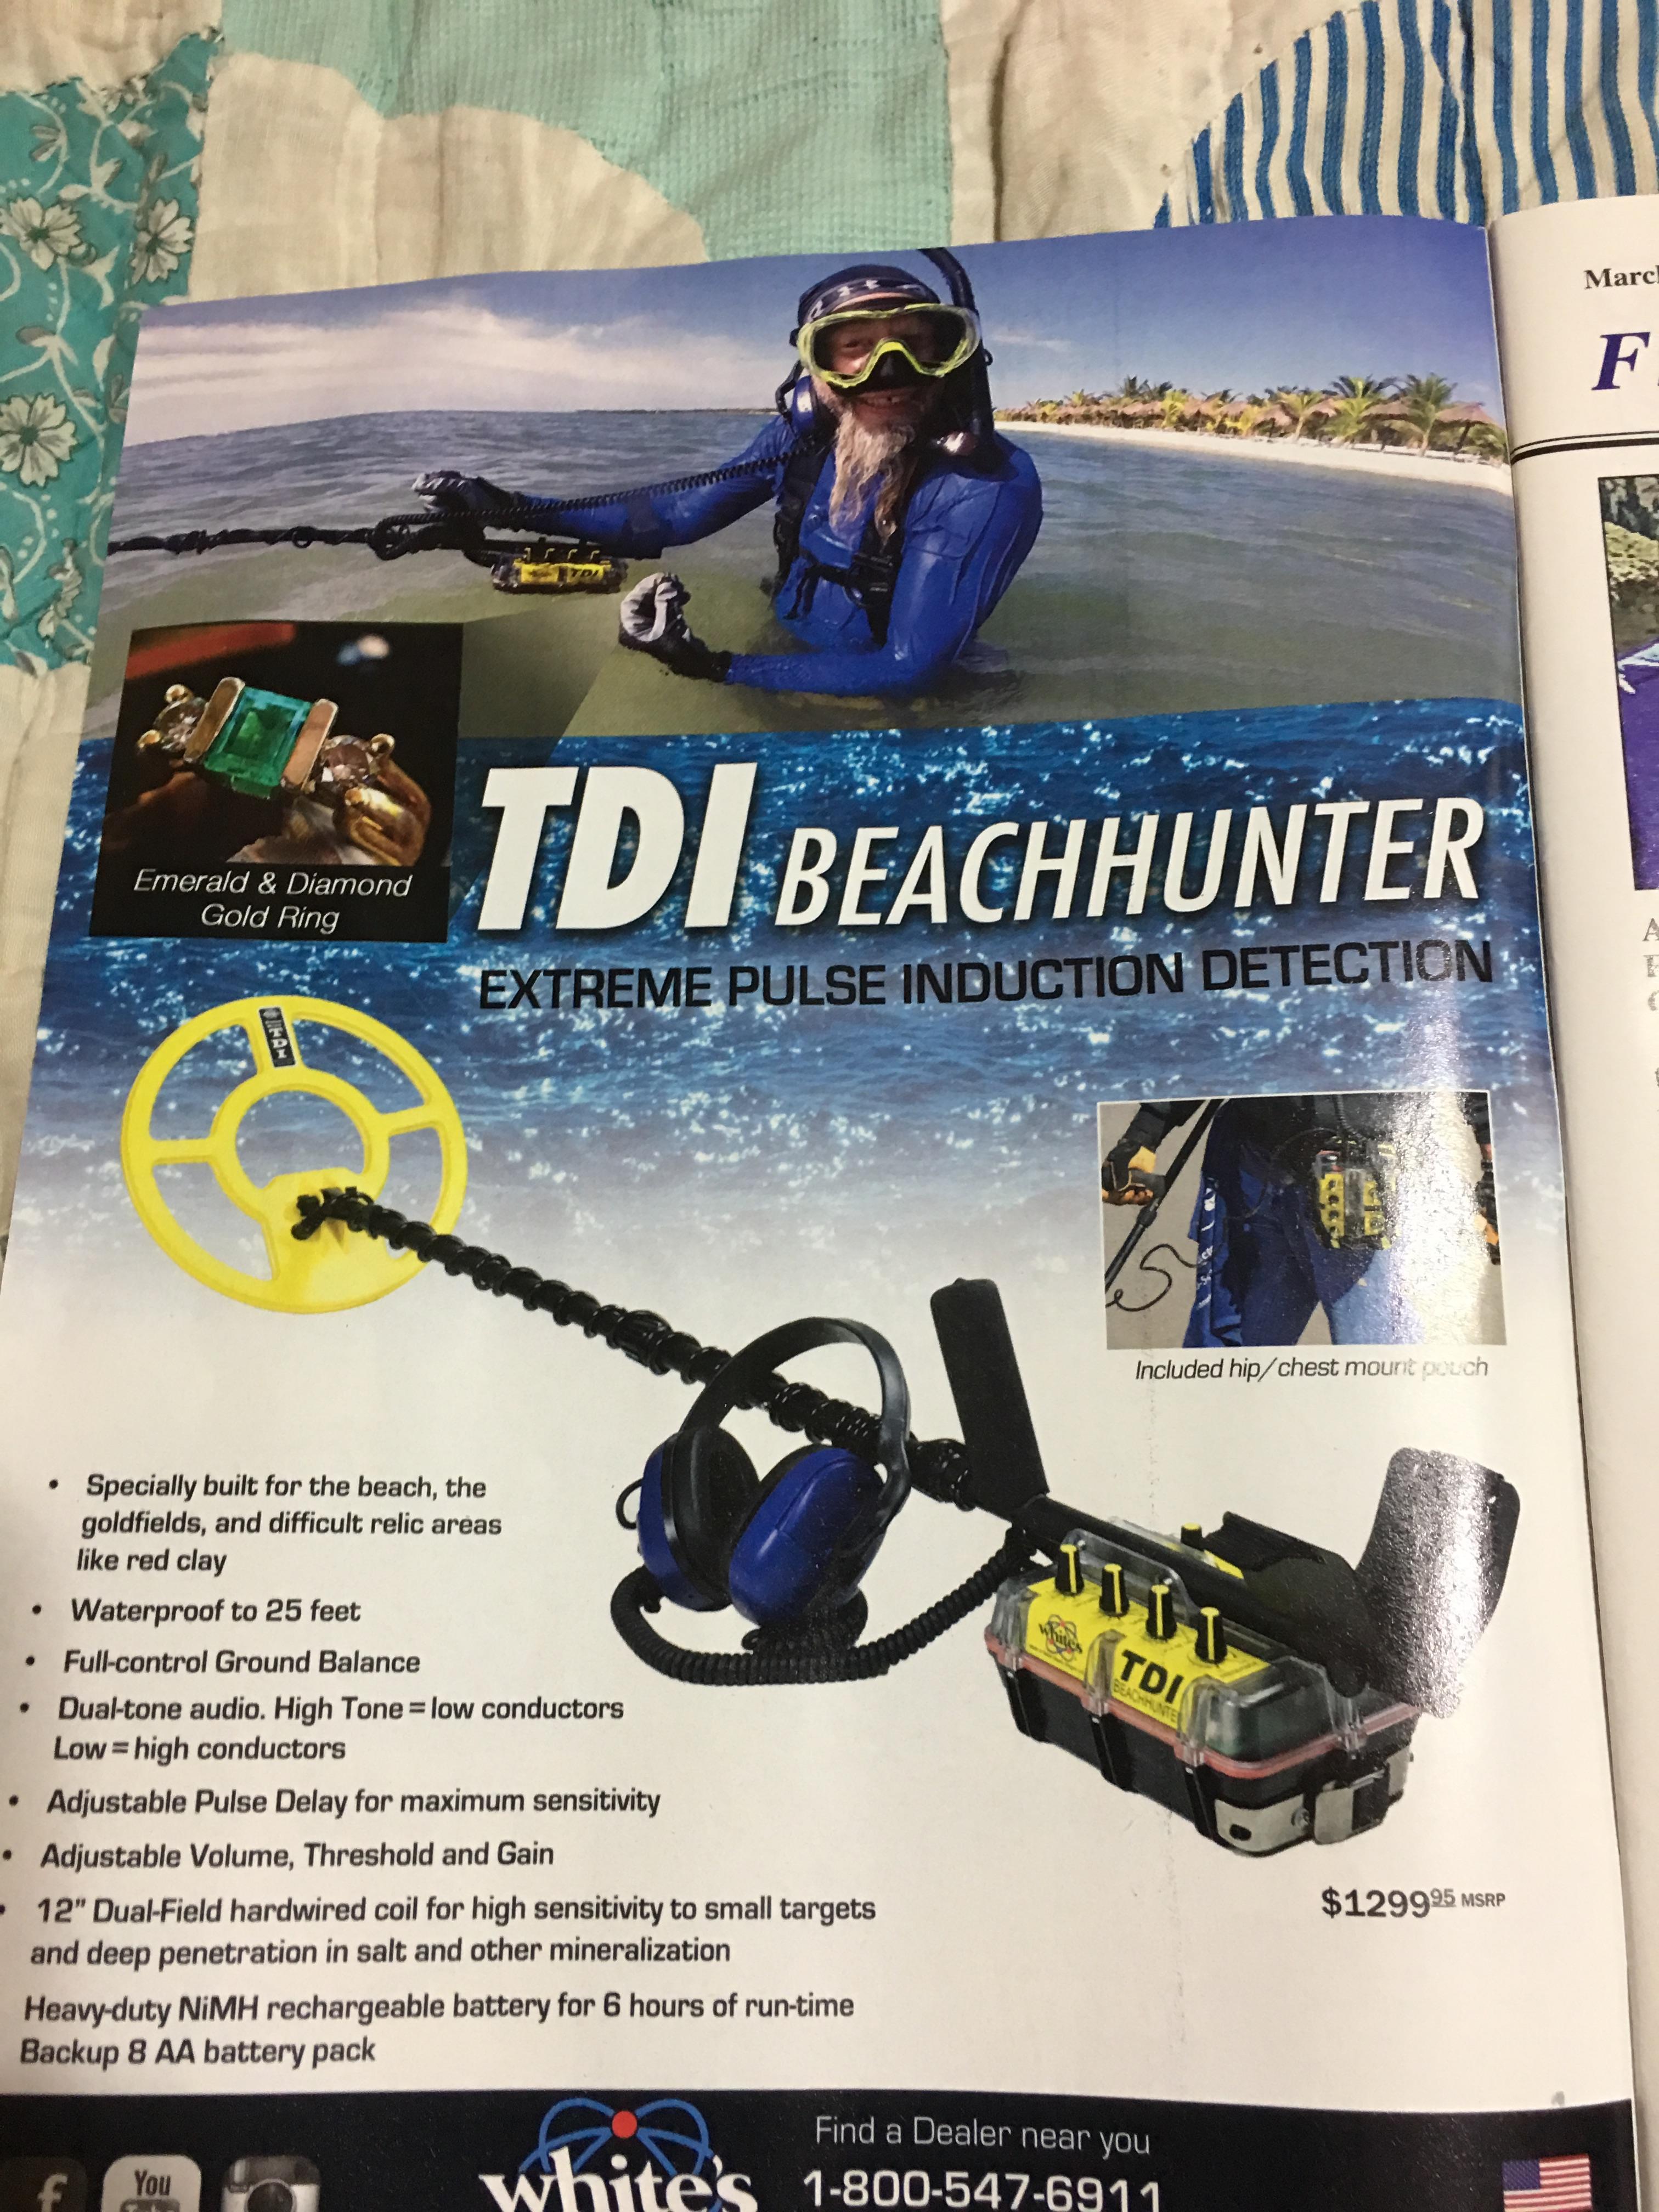 Beachhunters Password white's tdi beachhunter in action - gold nugget hunting